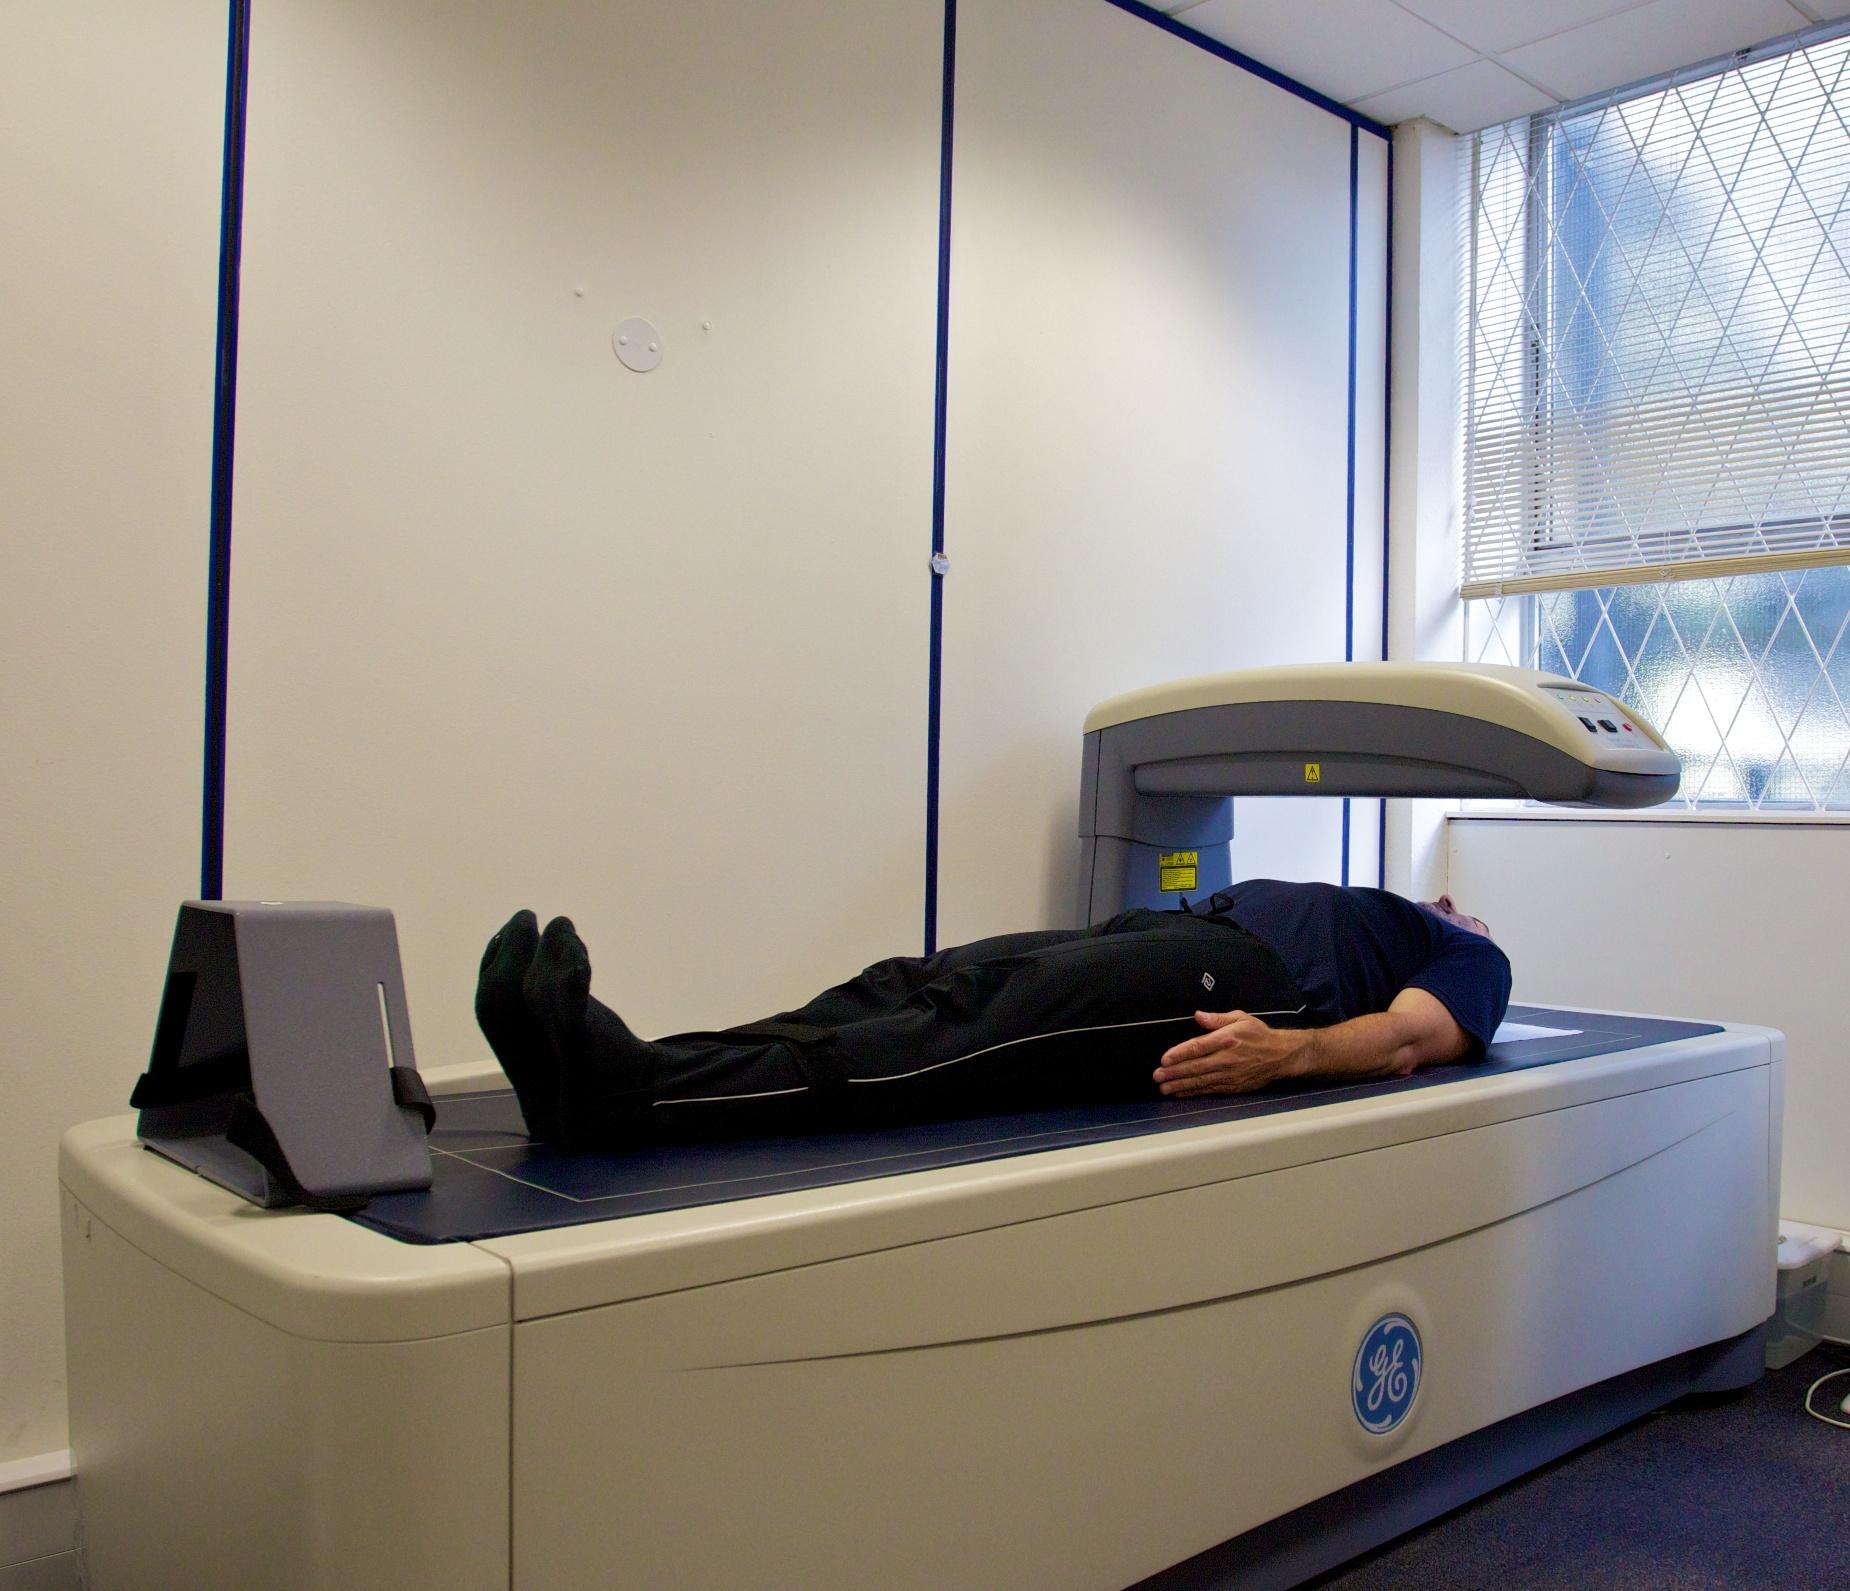 апарат за изследване остеопороза